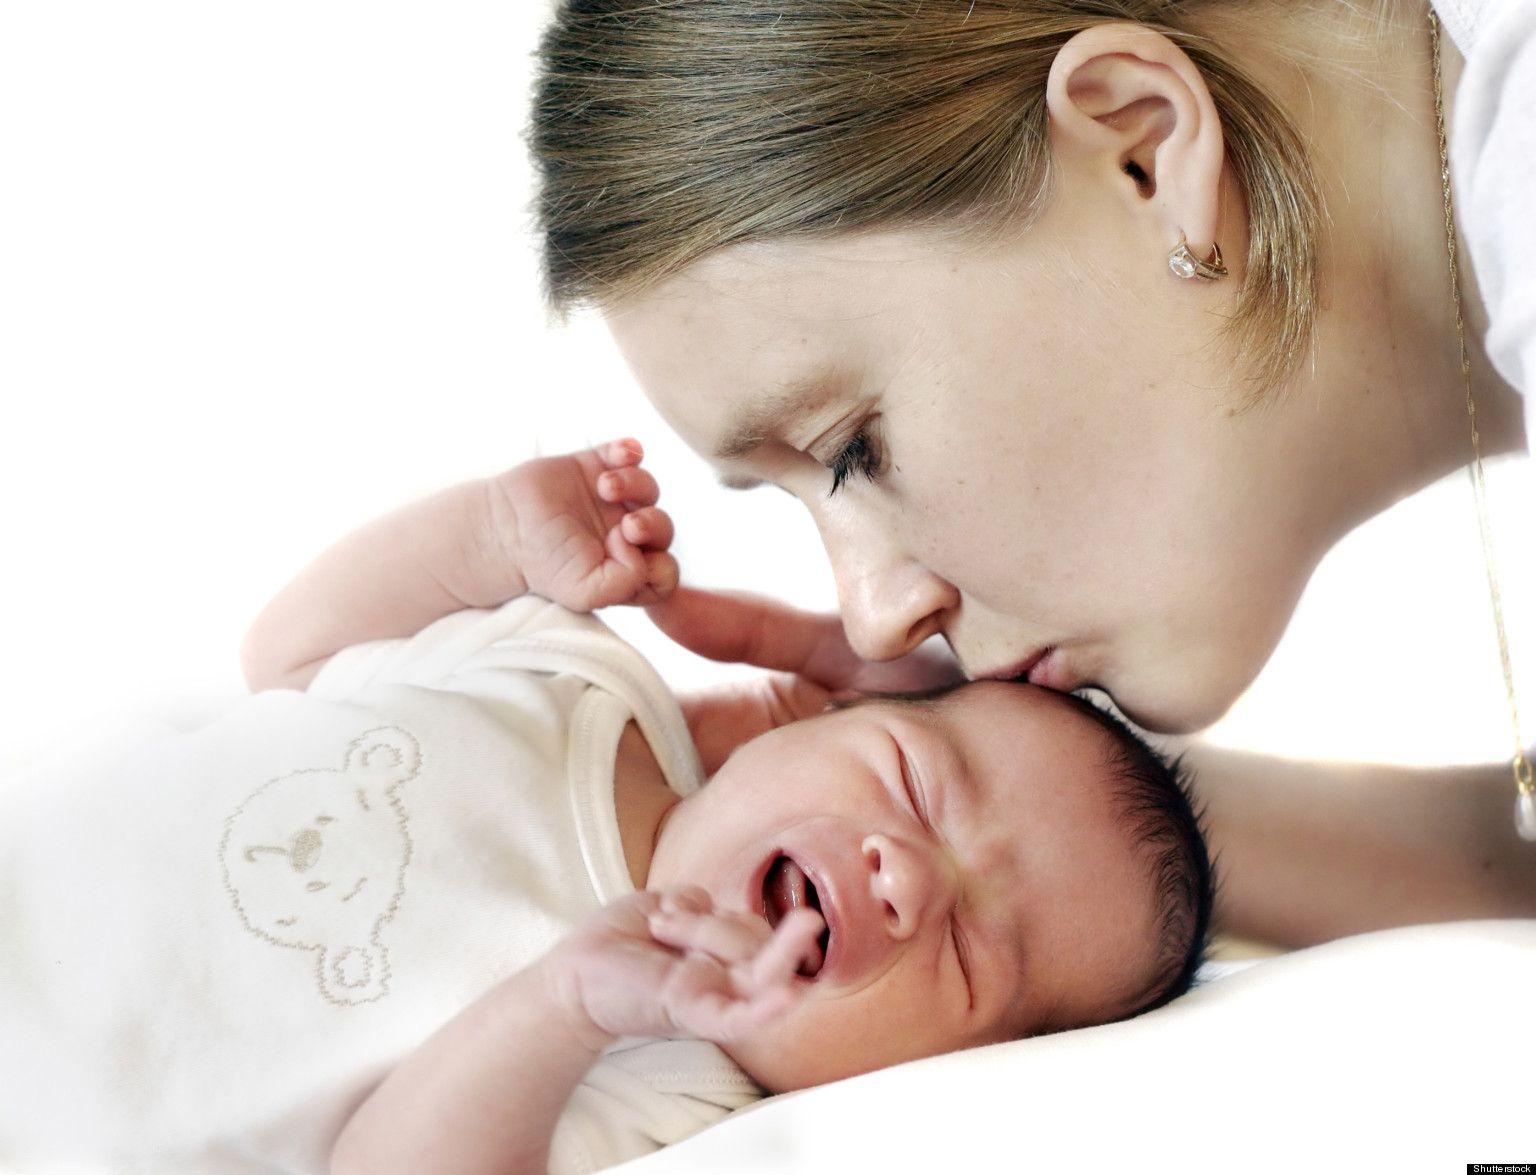 Bebekler Neden Çok Ağlar? Yenidoğan Bebekler Neden Ağlar?